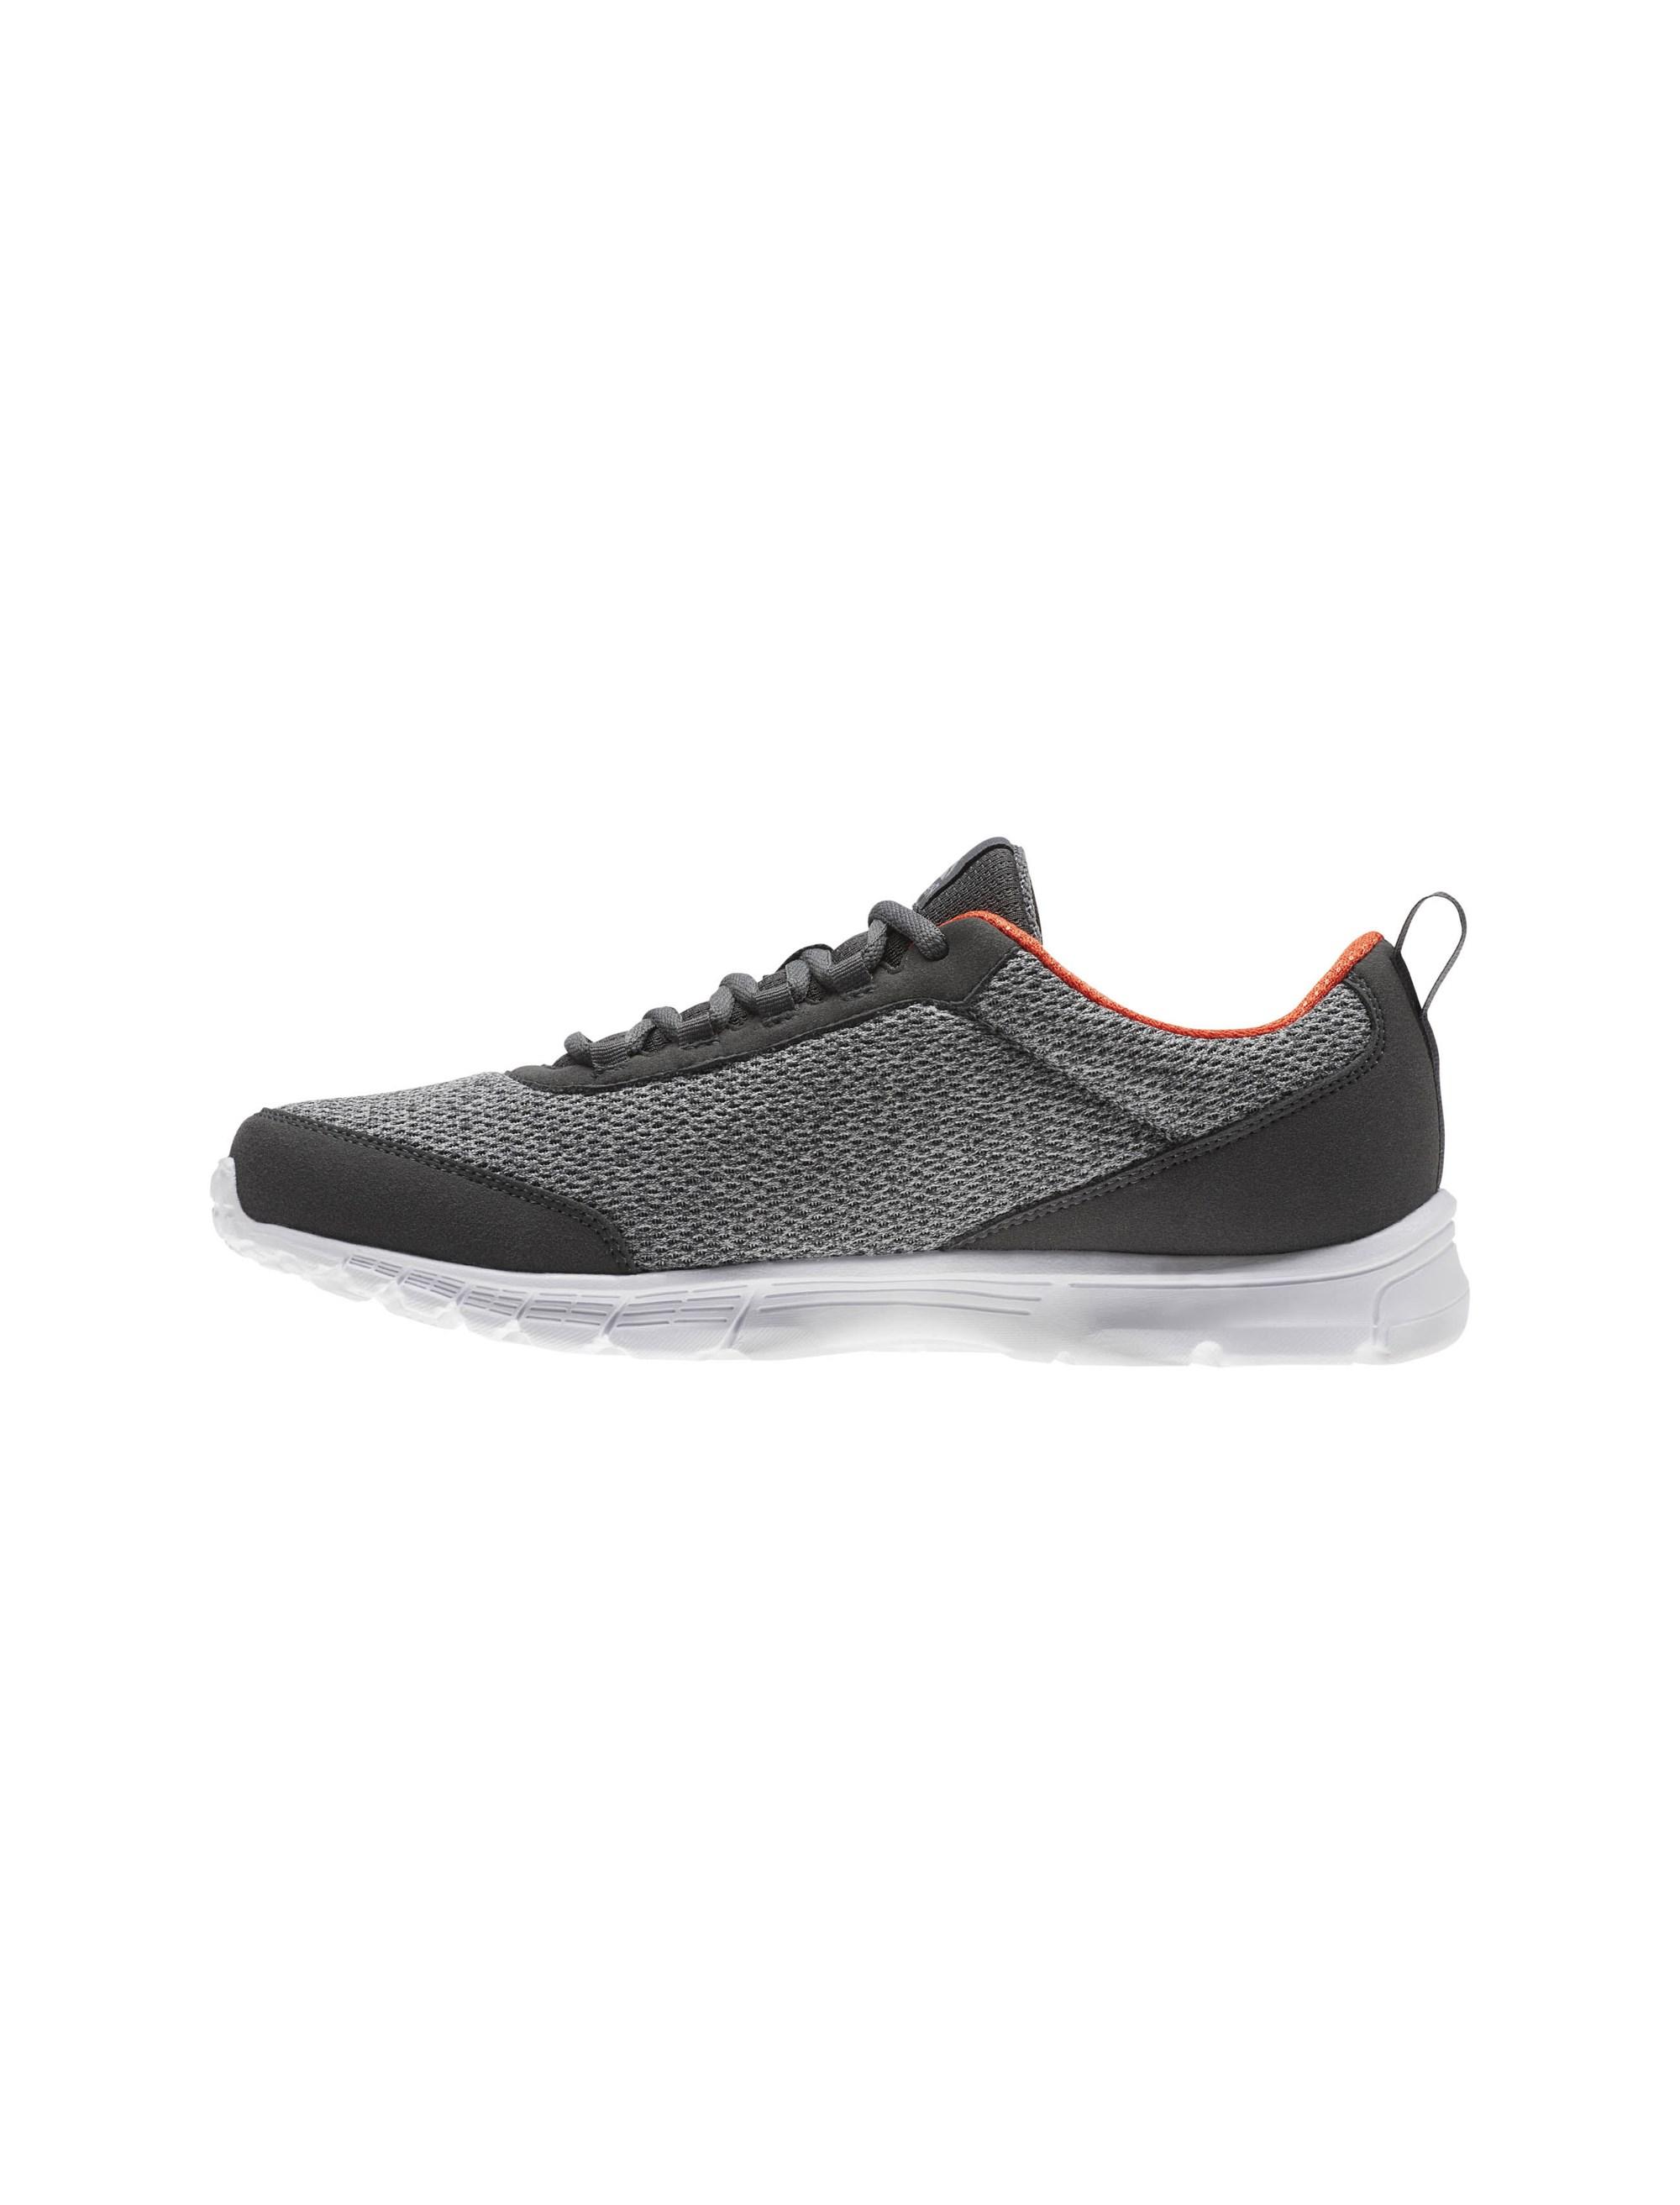 کفش مخصوص دویدن مردانه ریباک مدل Speedlux - طوسي - 3